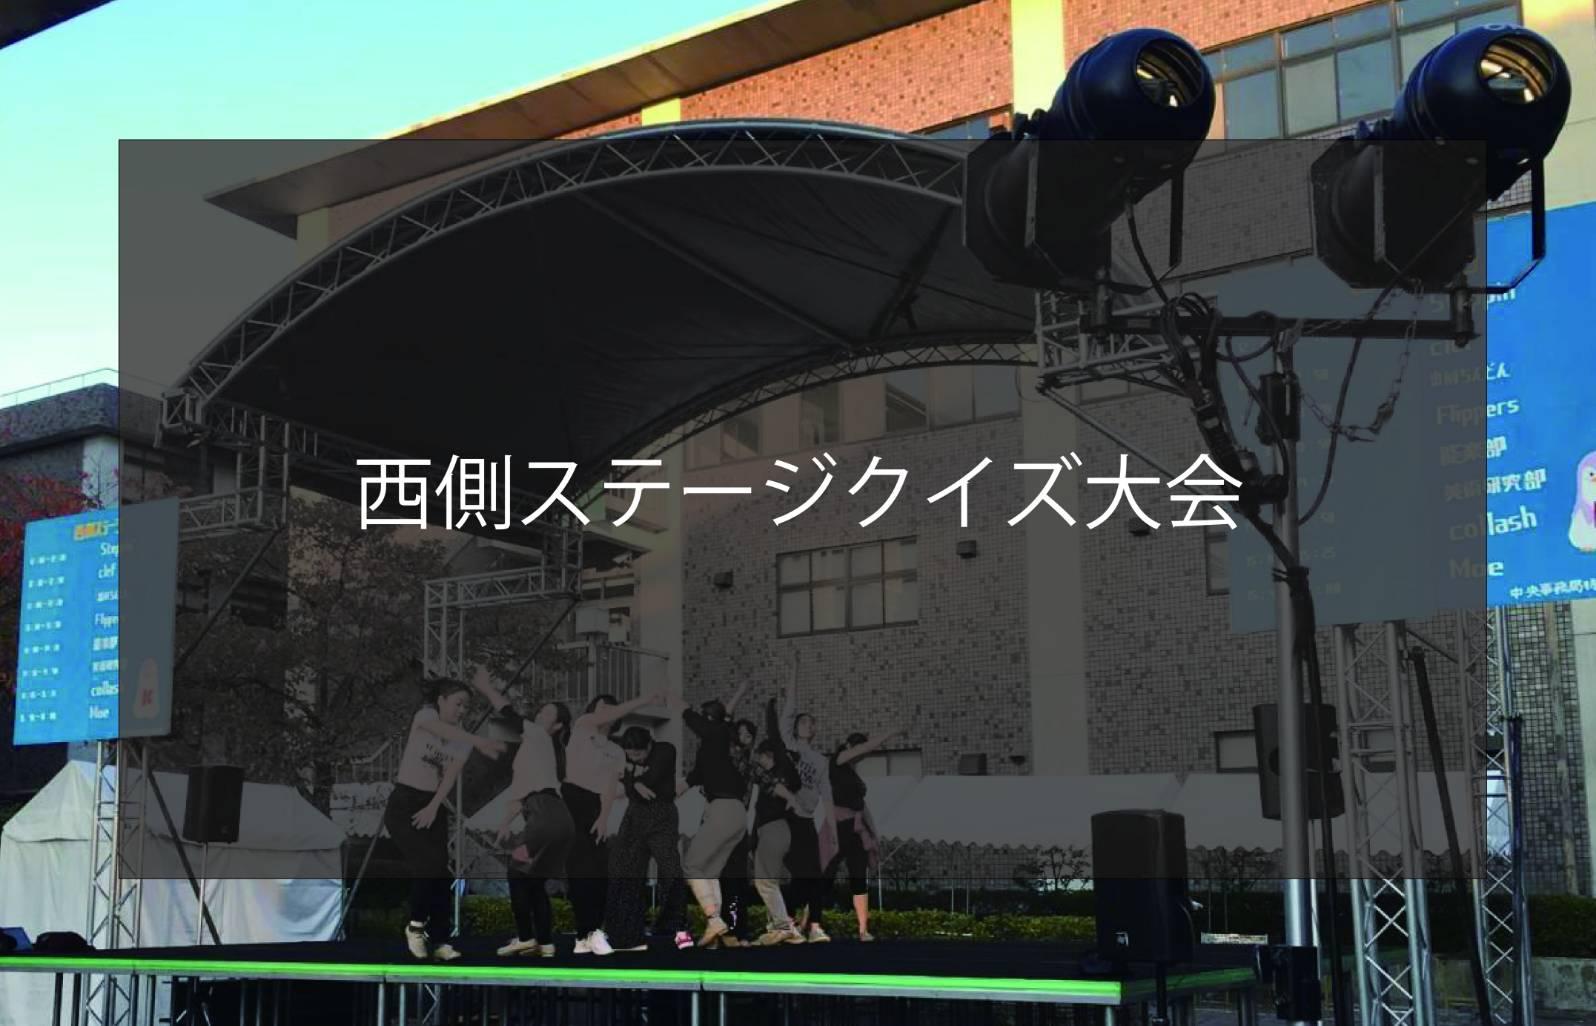 衣笠祭典 西側ステージ 大学対抗クイズ大会